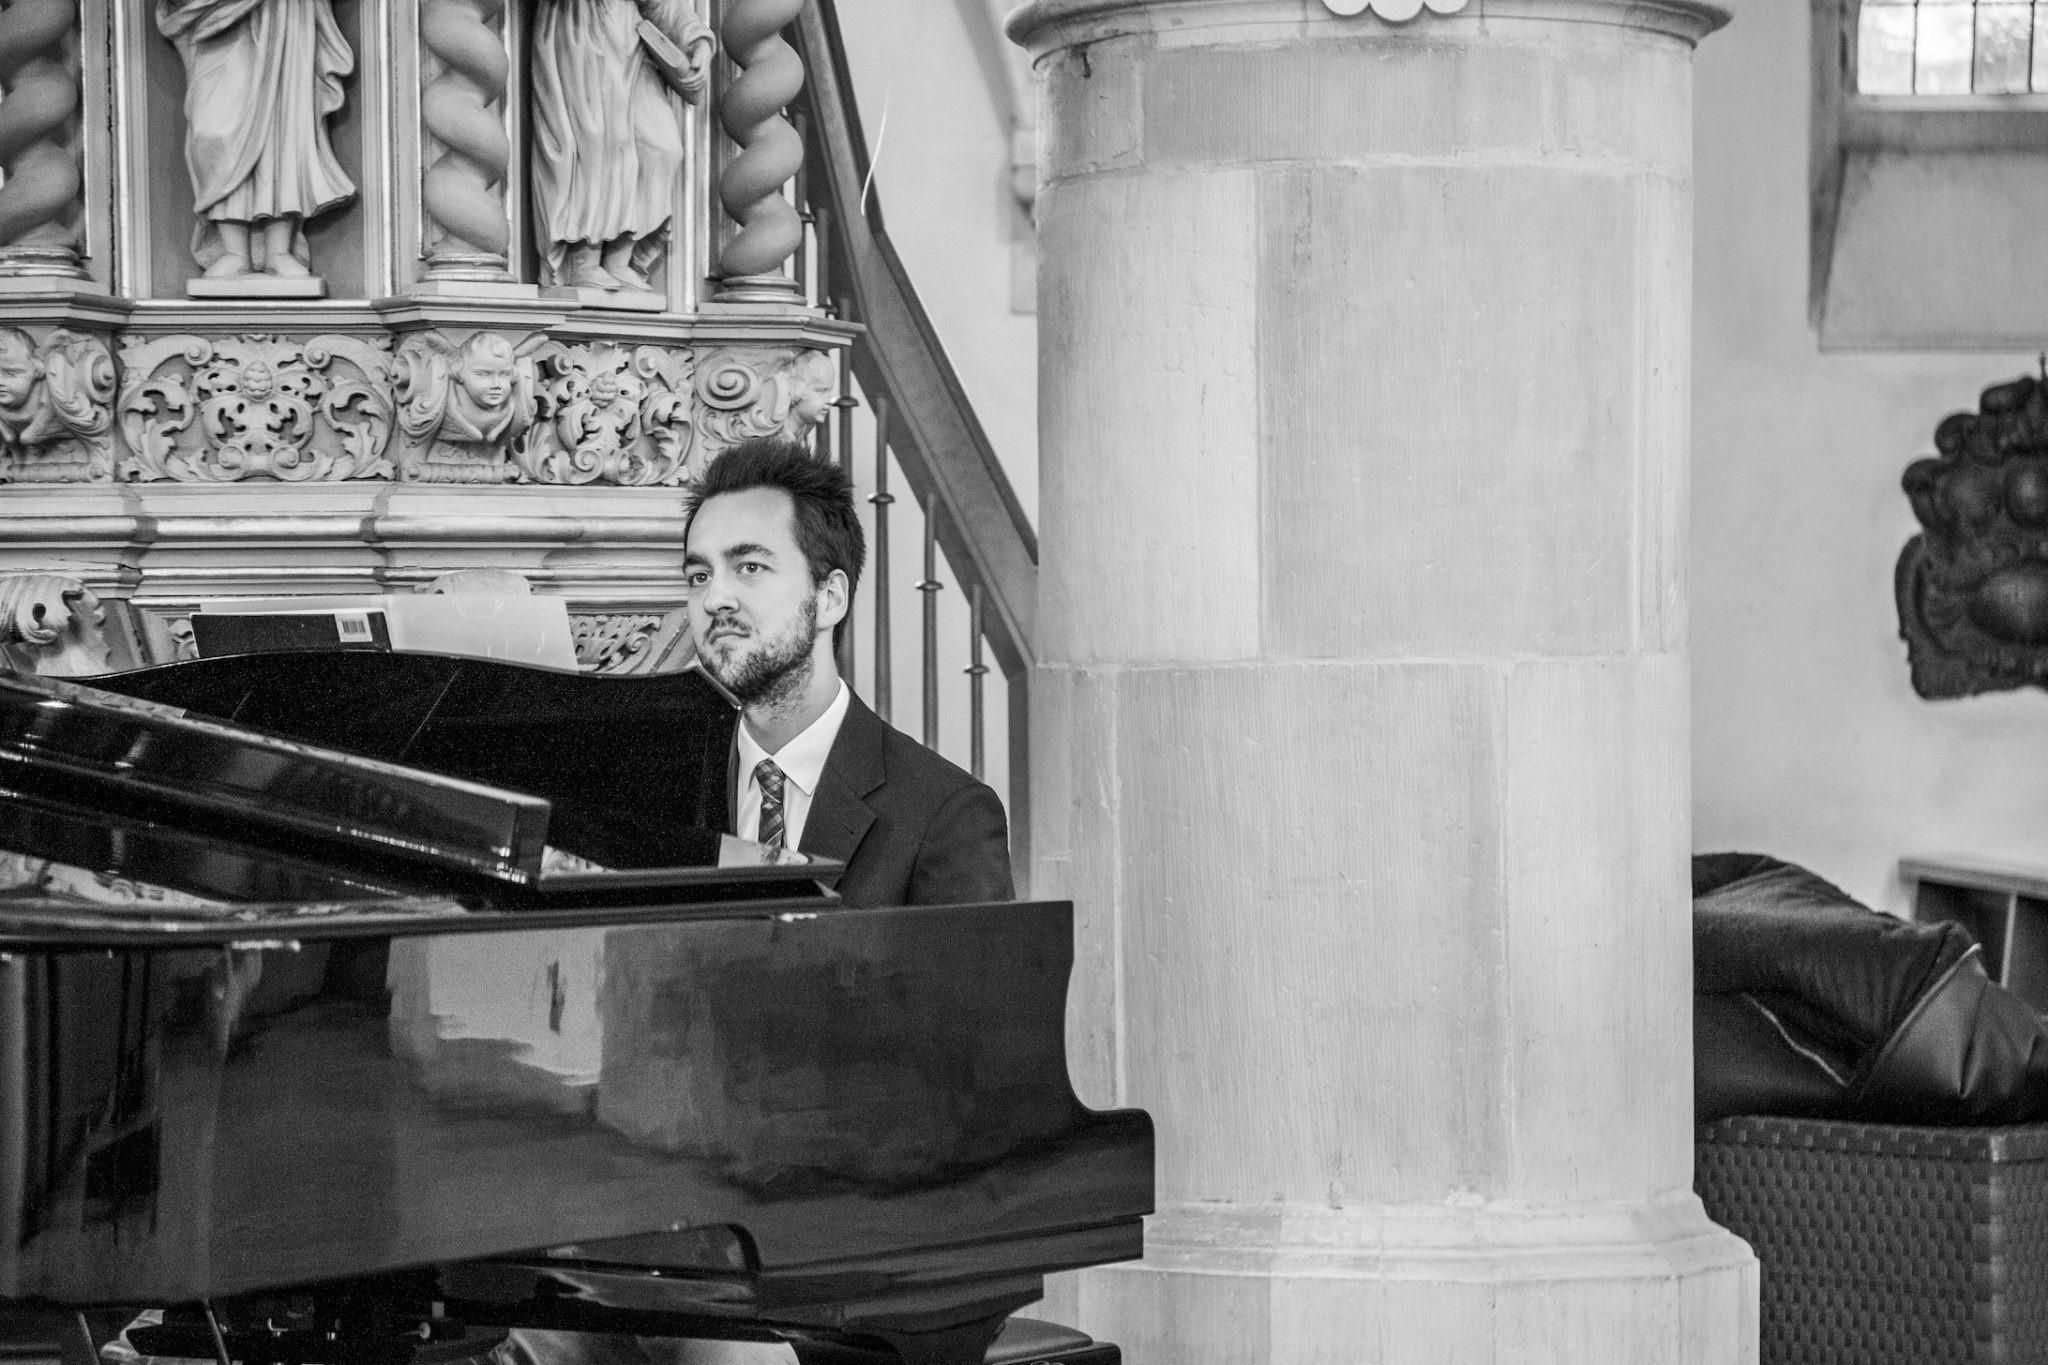 Hochzeit von Laura und Jan in Münster: Pianist spielt in der Kirche